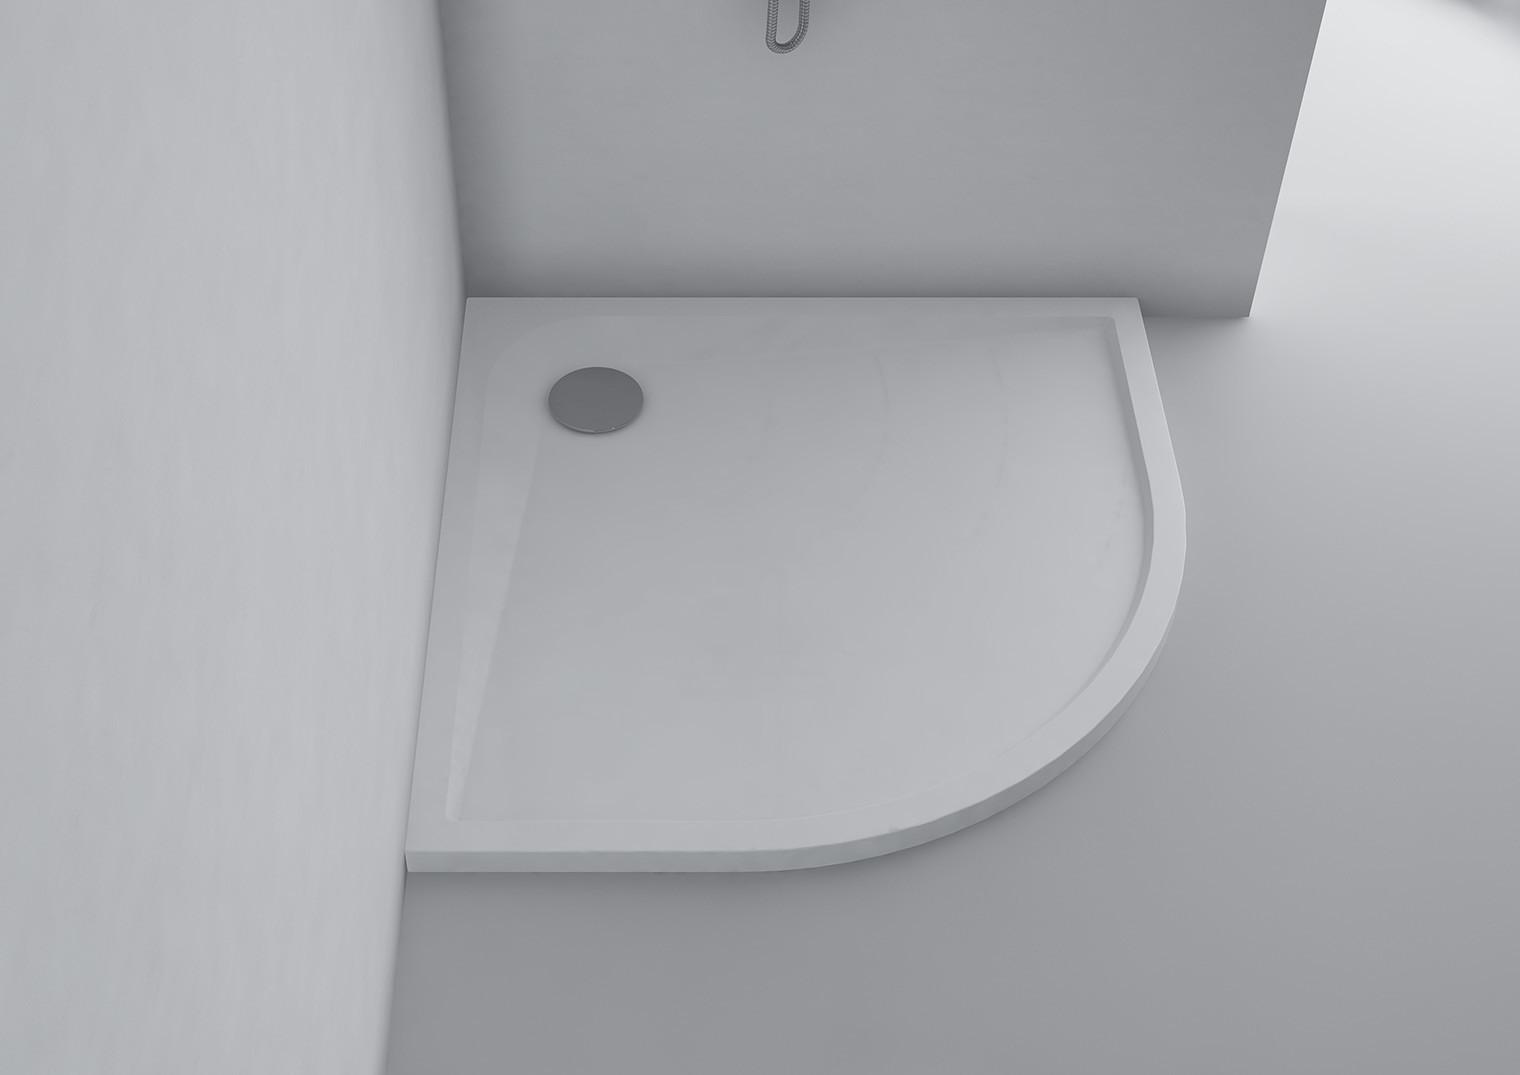 duschwanne 90 x 90 x 3 cm siena mineralguss duschtasse flach